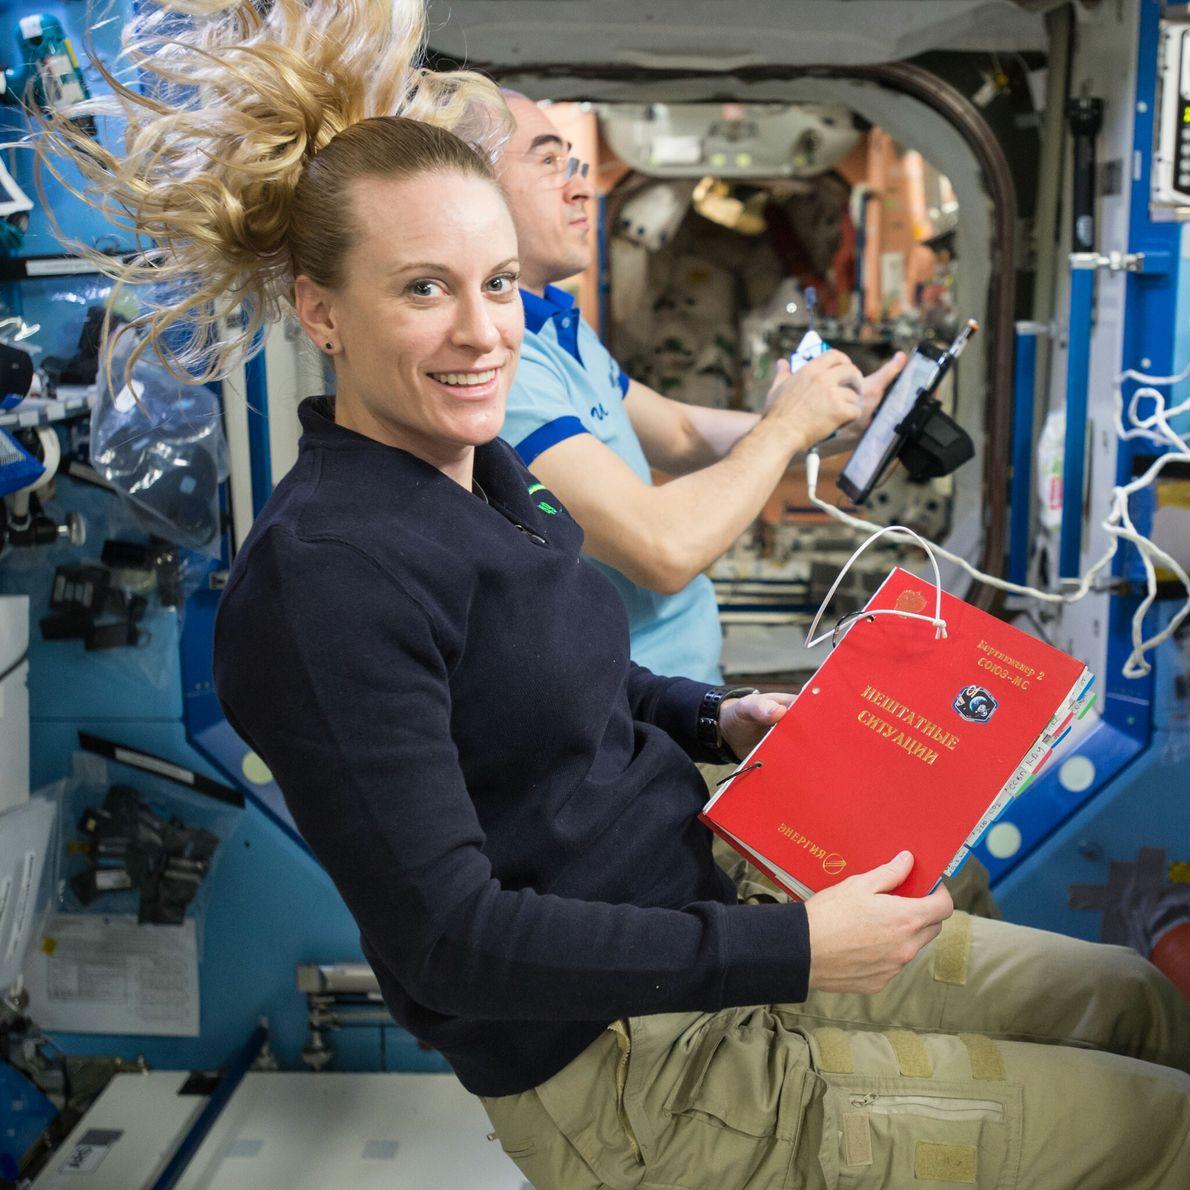 Kate Rubins - promotion d'astronautes 2009, actuellement à bord de la Station spatiale internationale.